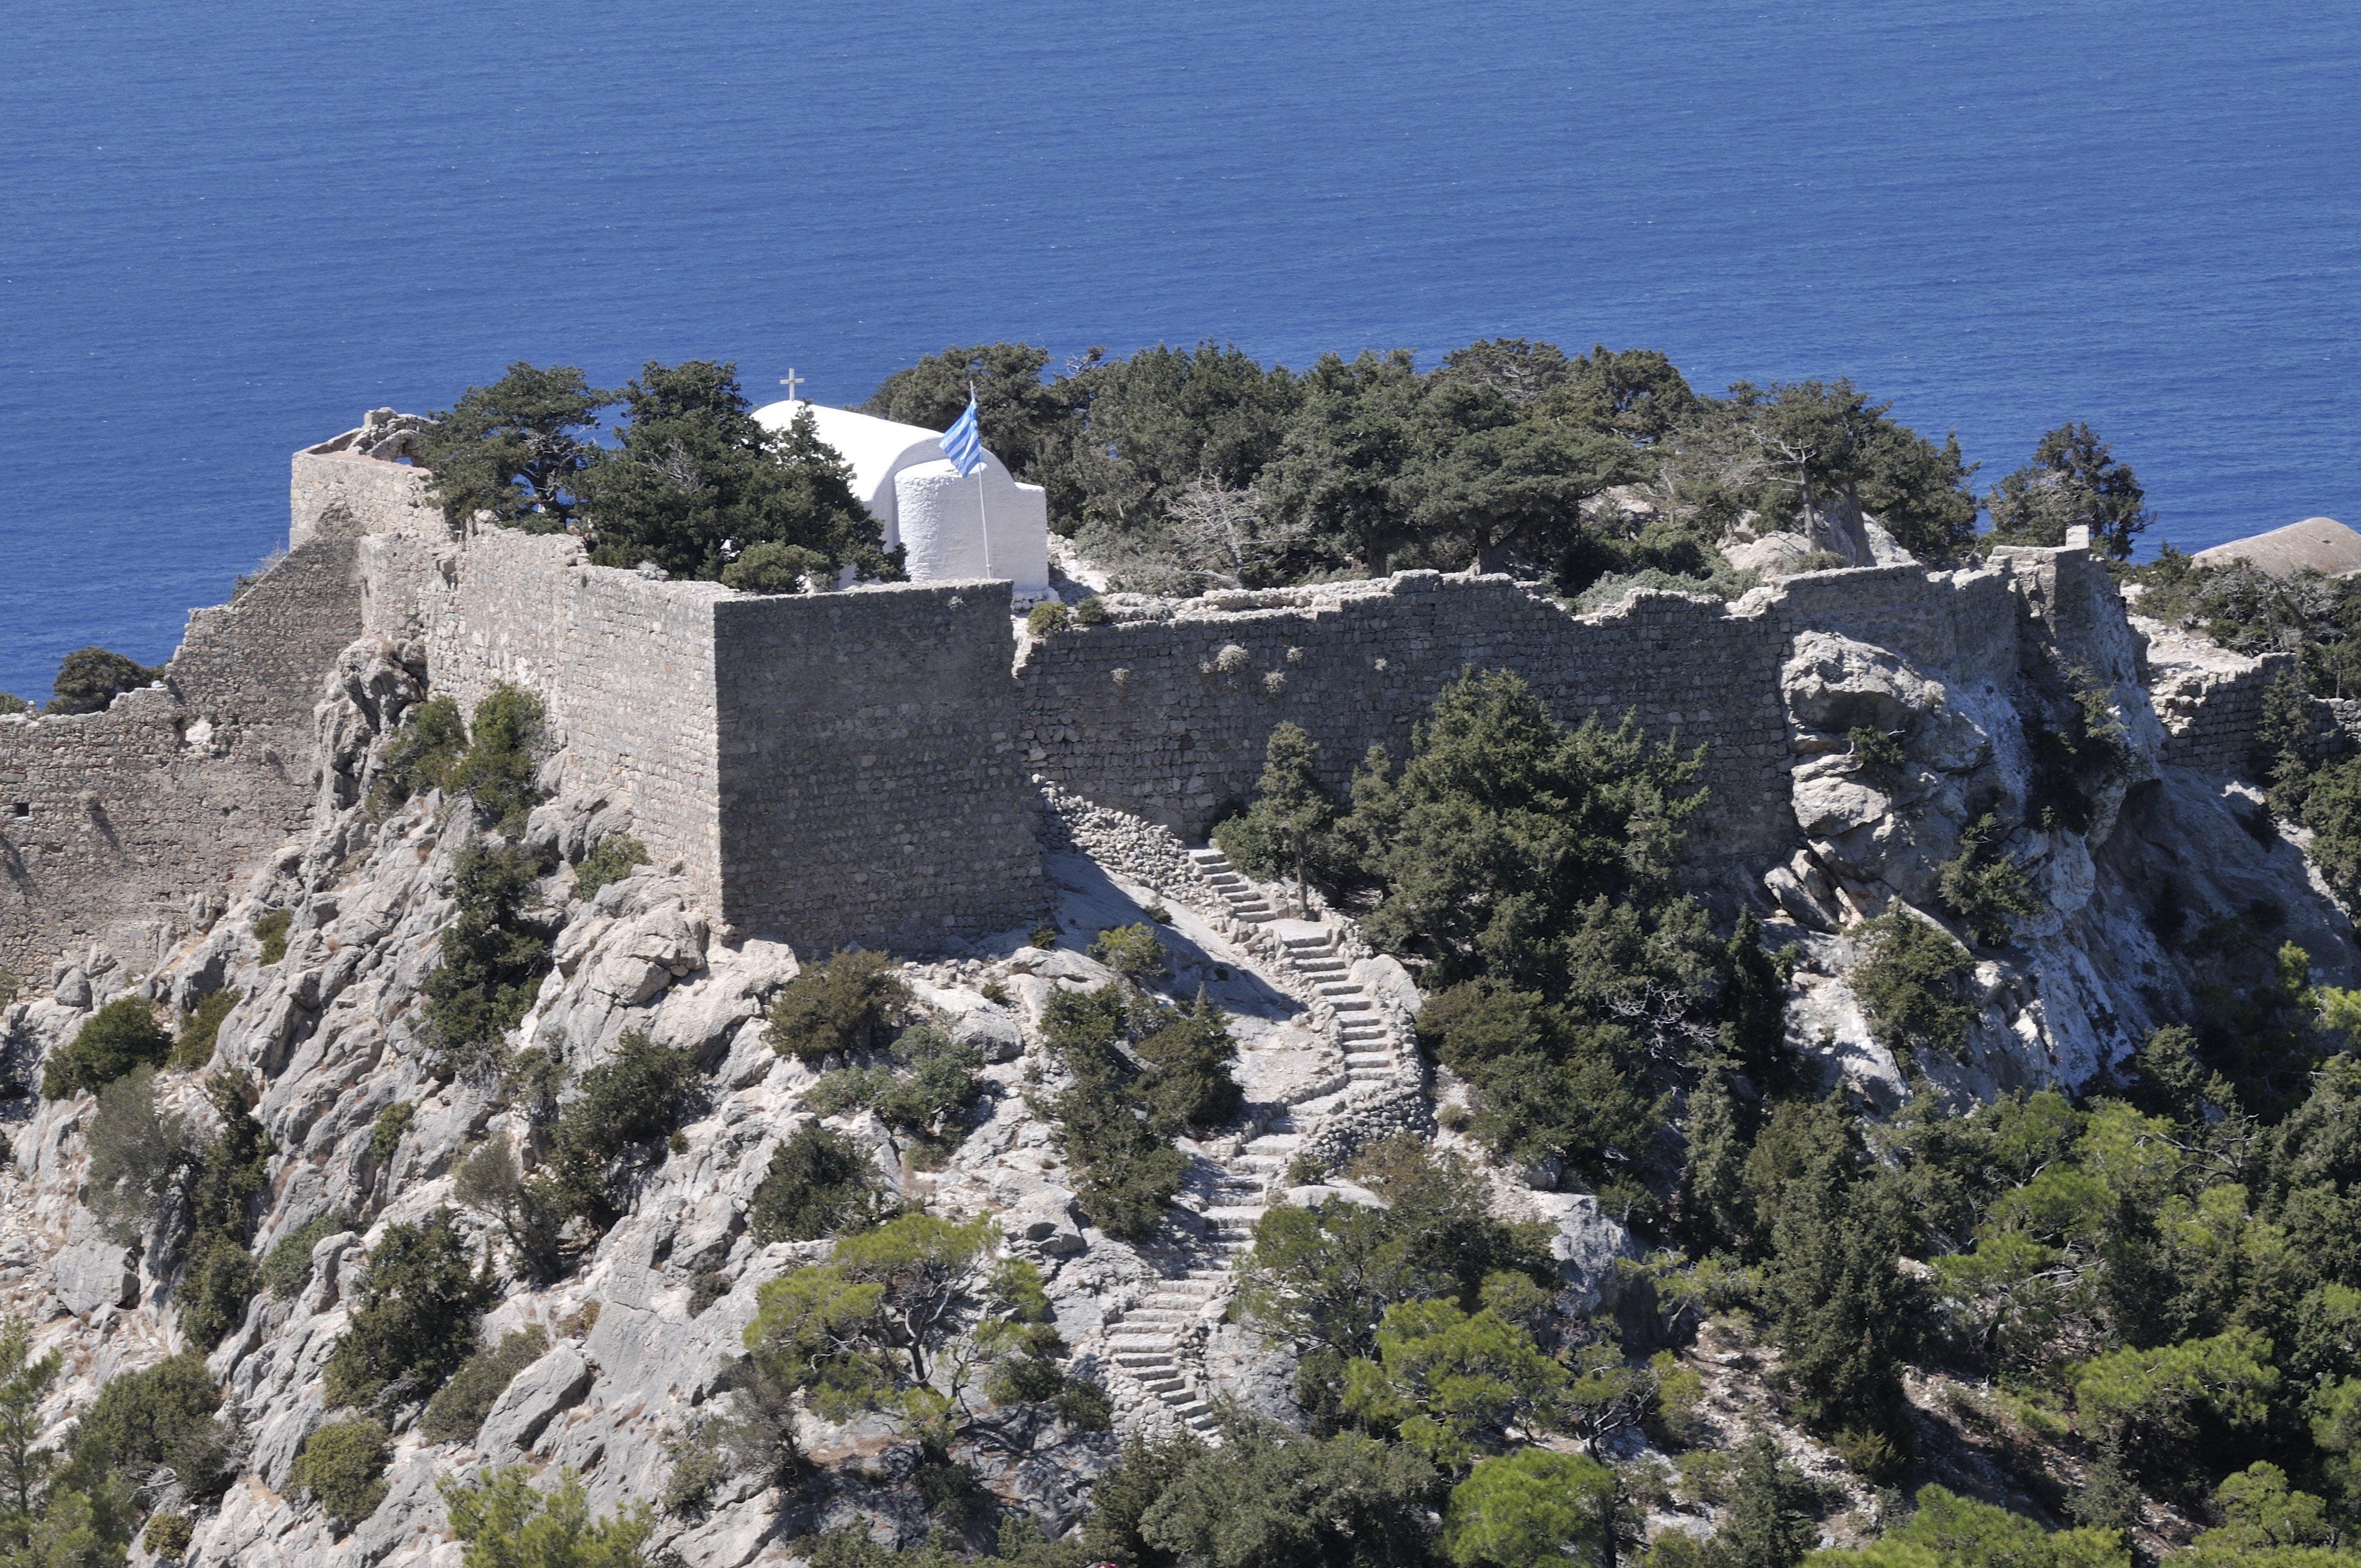 Замок, дающий полное представление о жизненном укладе своей эпохи